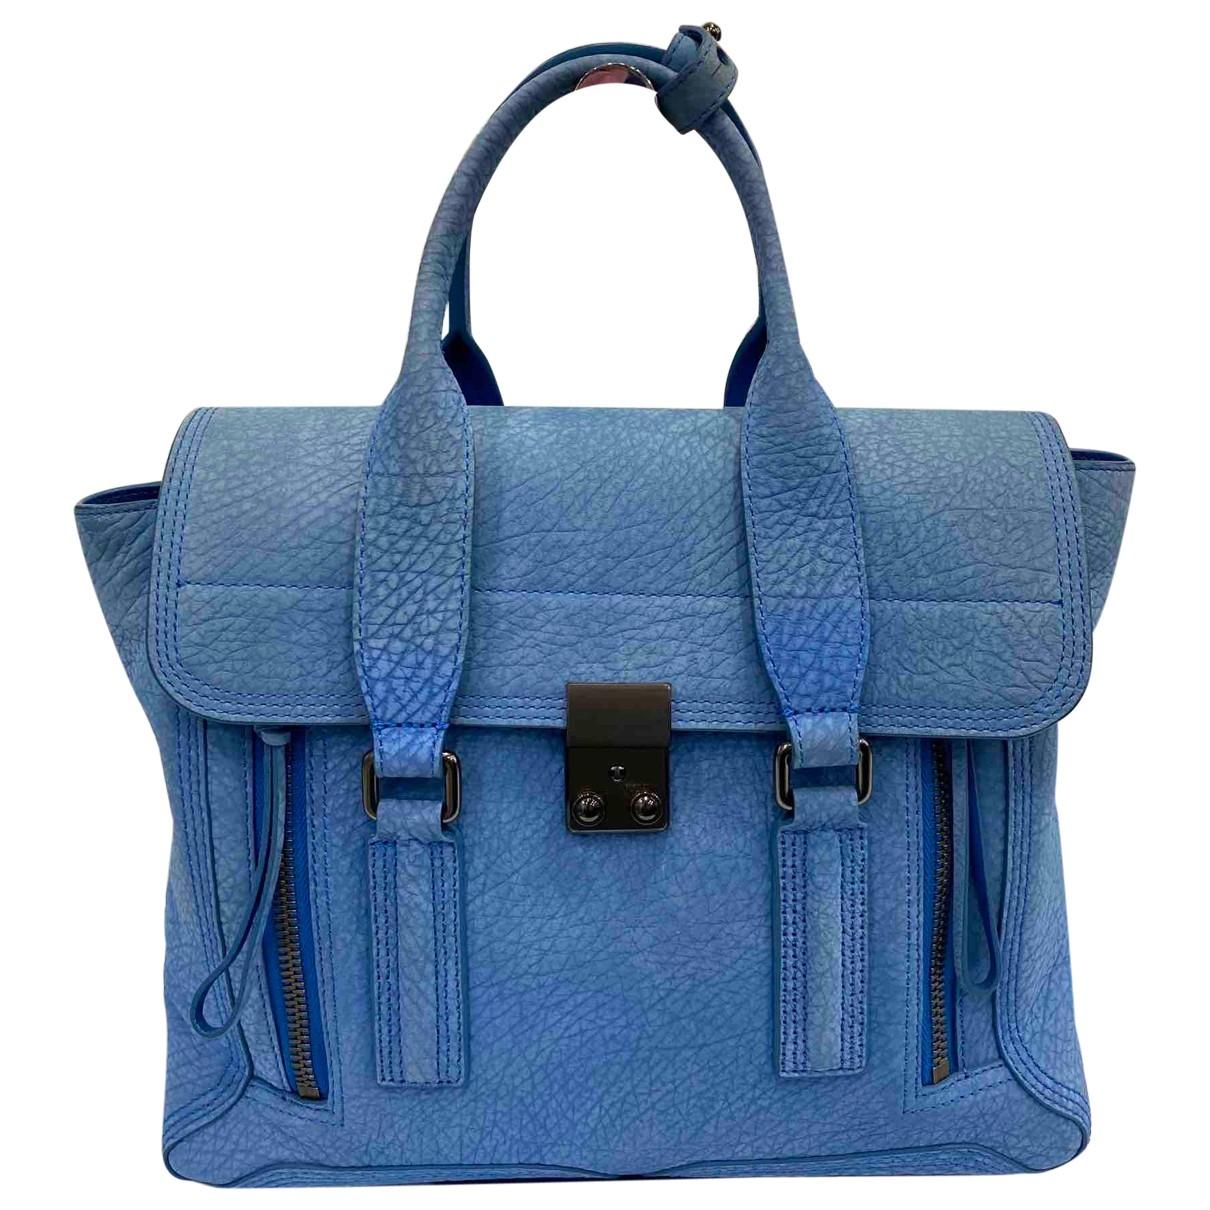 3.1 Phillip Lim Pashli Blue Leather handbag for Women \N